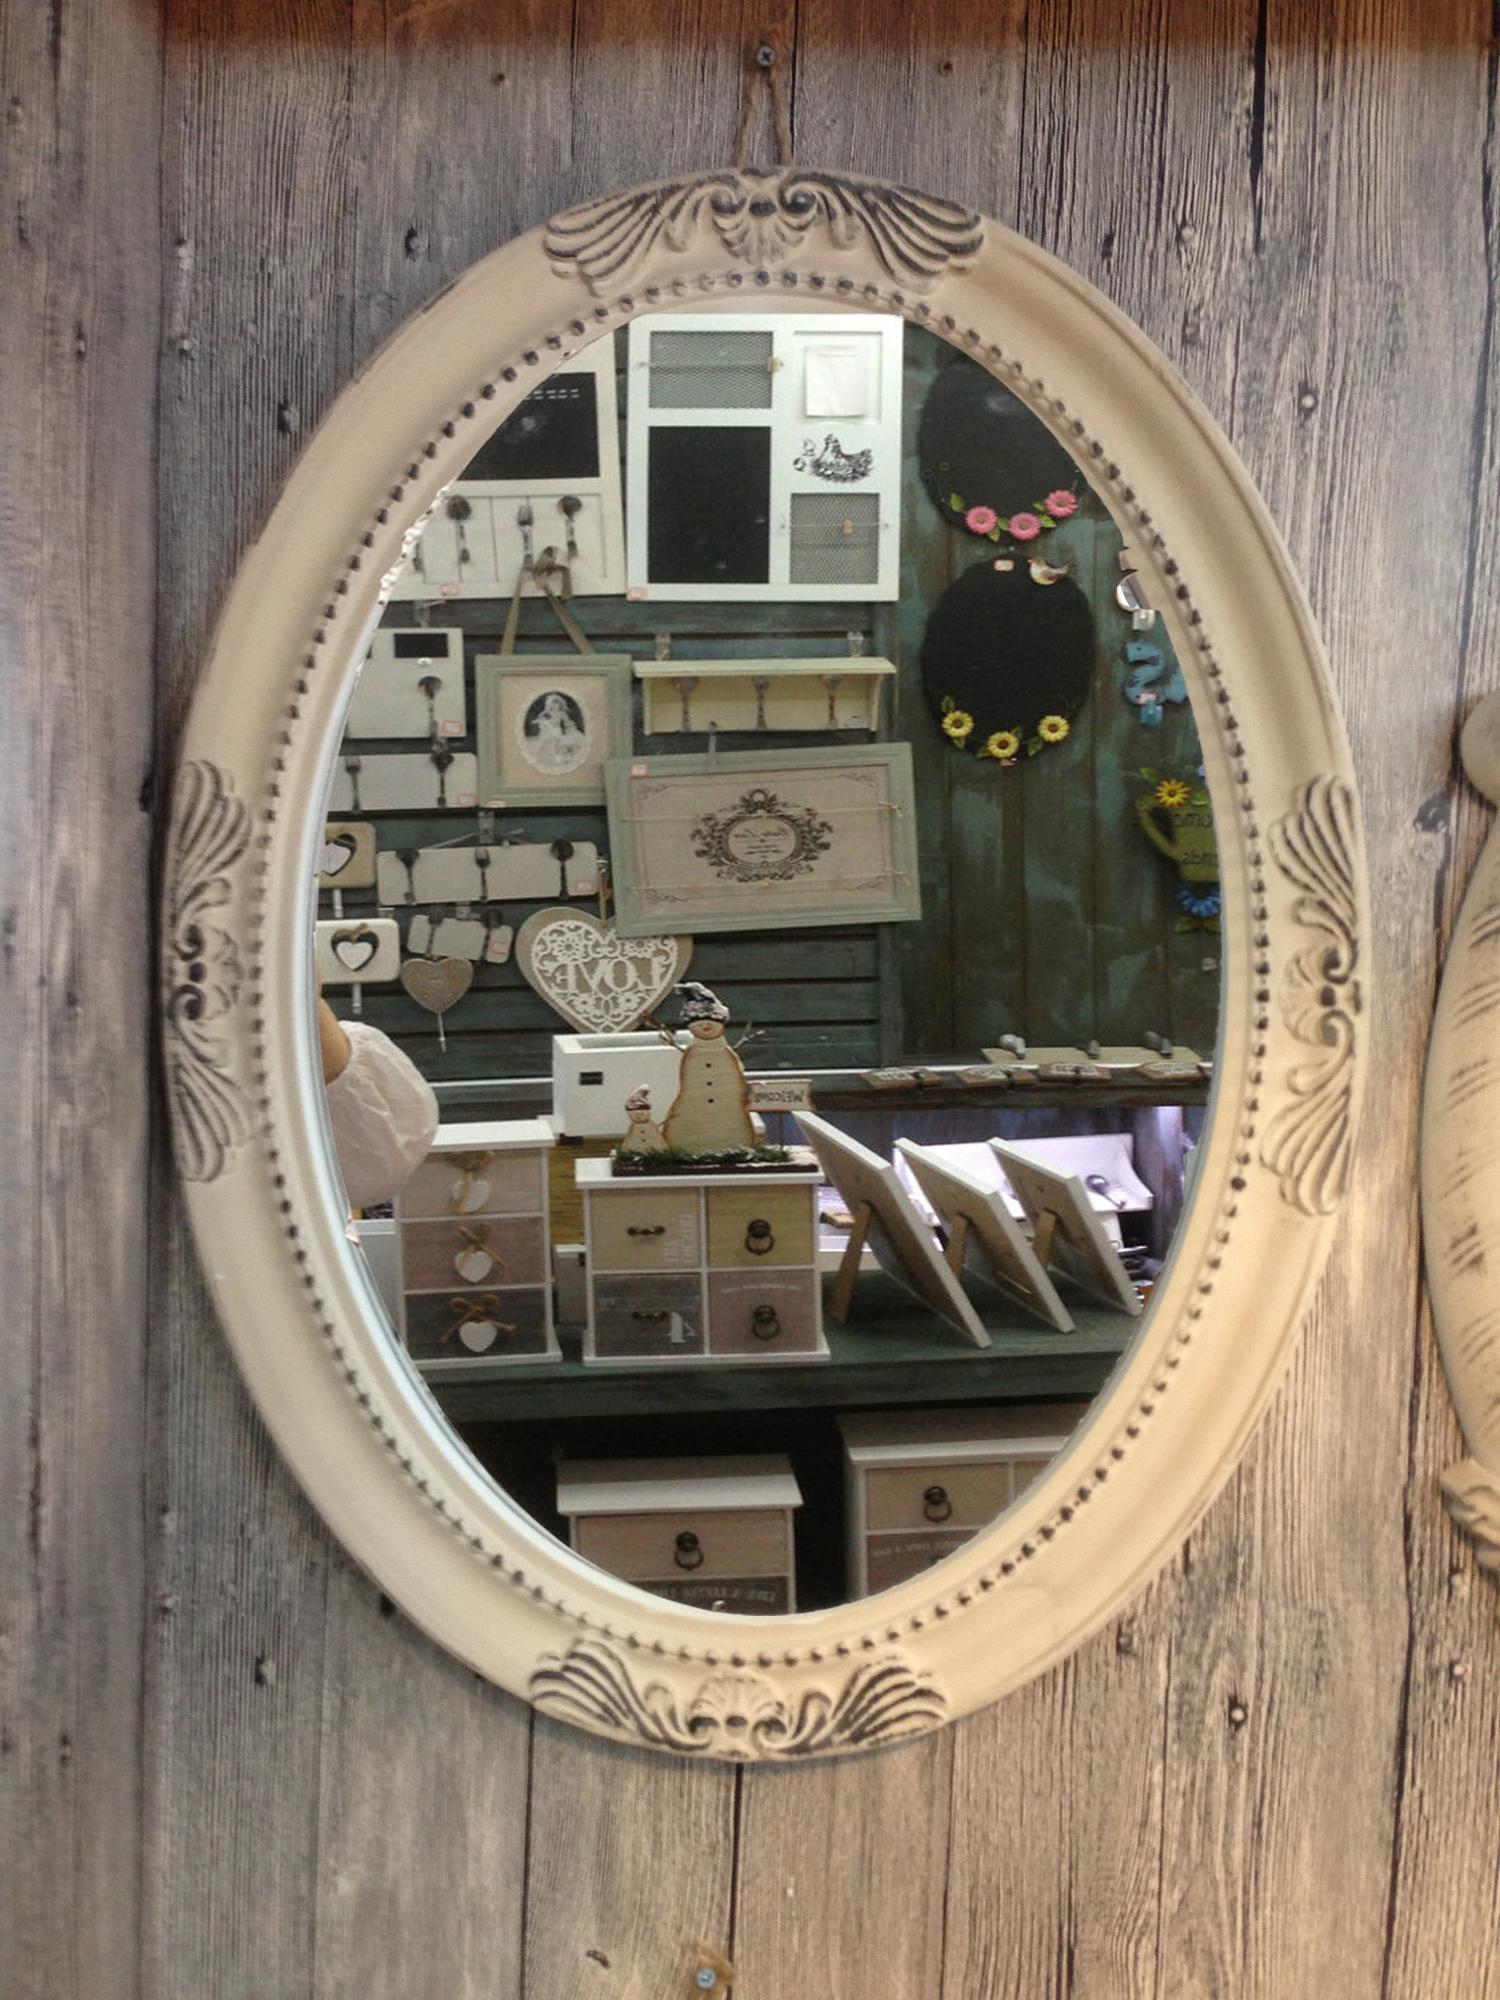 Charmanter landhaus holz 64 cm wandspiegel 18 1 spiegel antik garderobenspiegel ebay - Landhaus wandspiegel ...